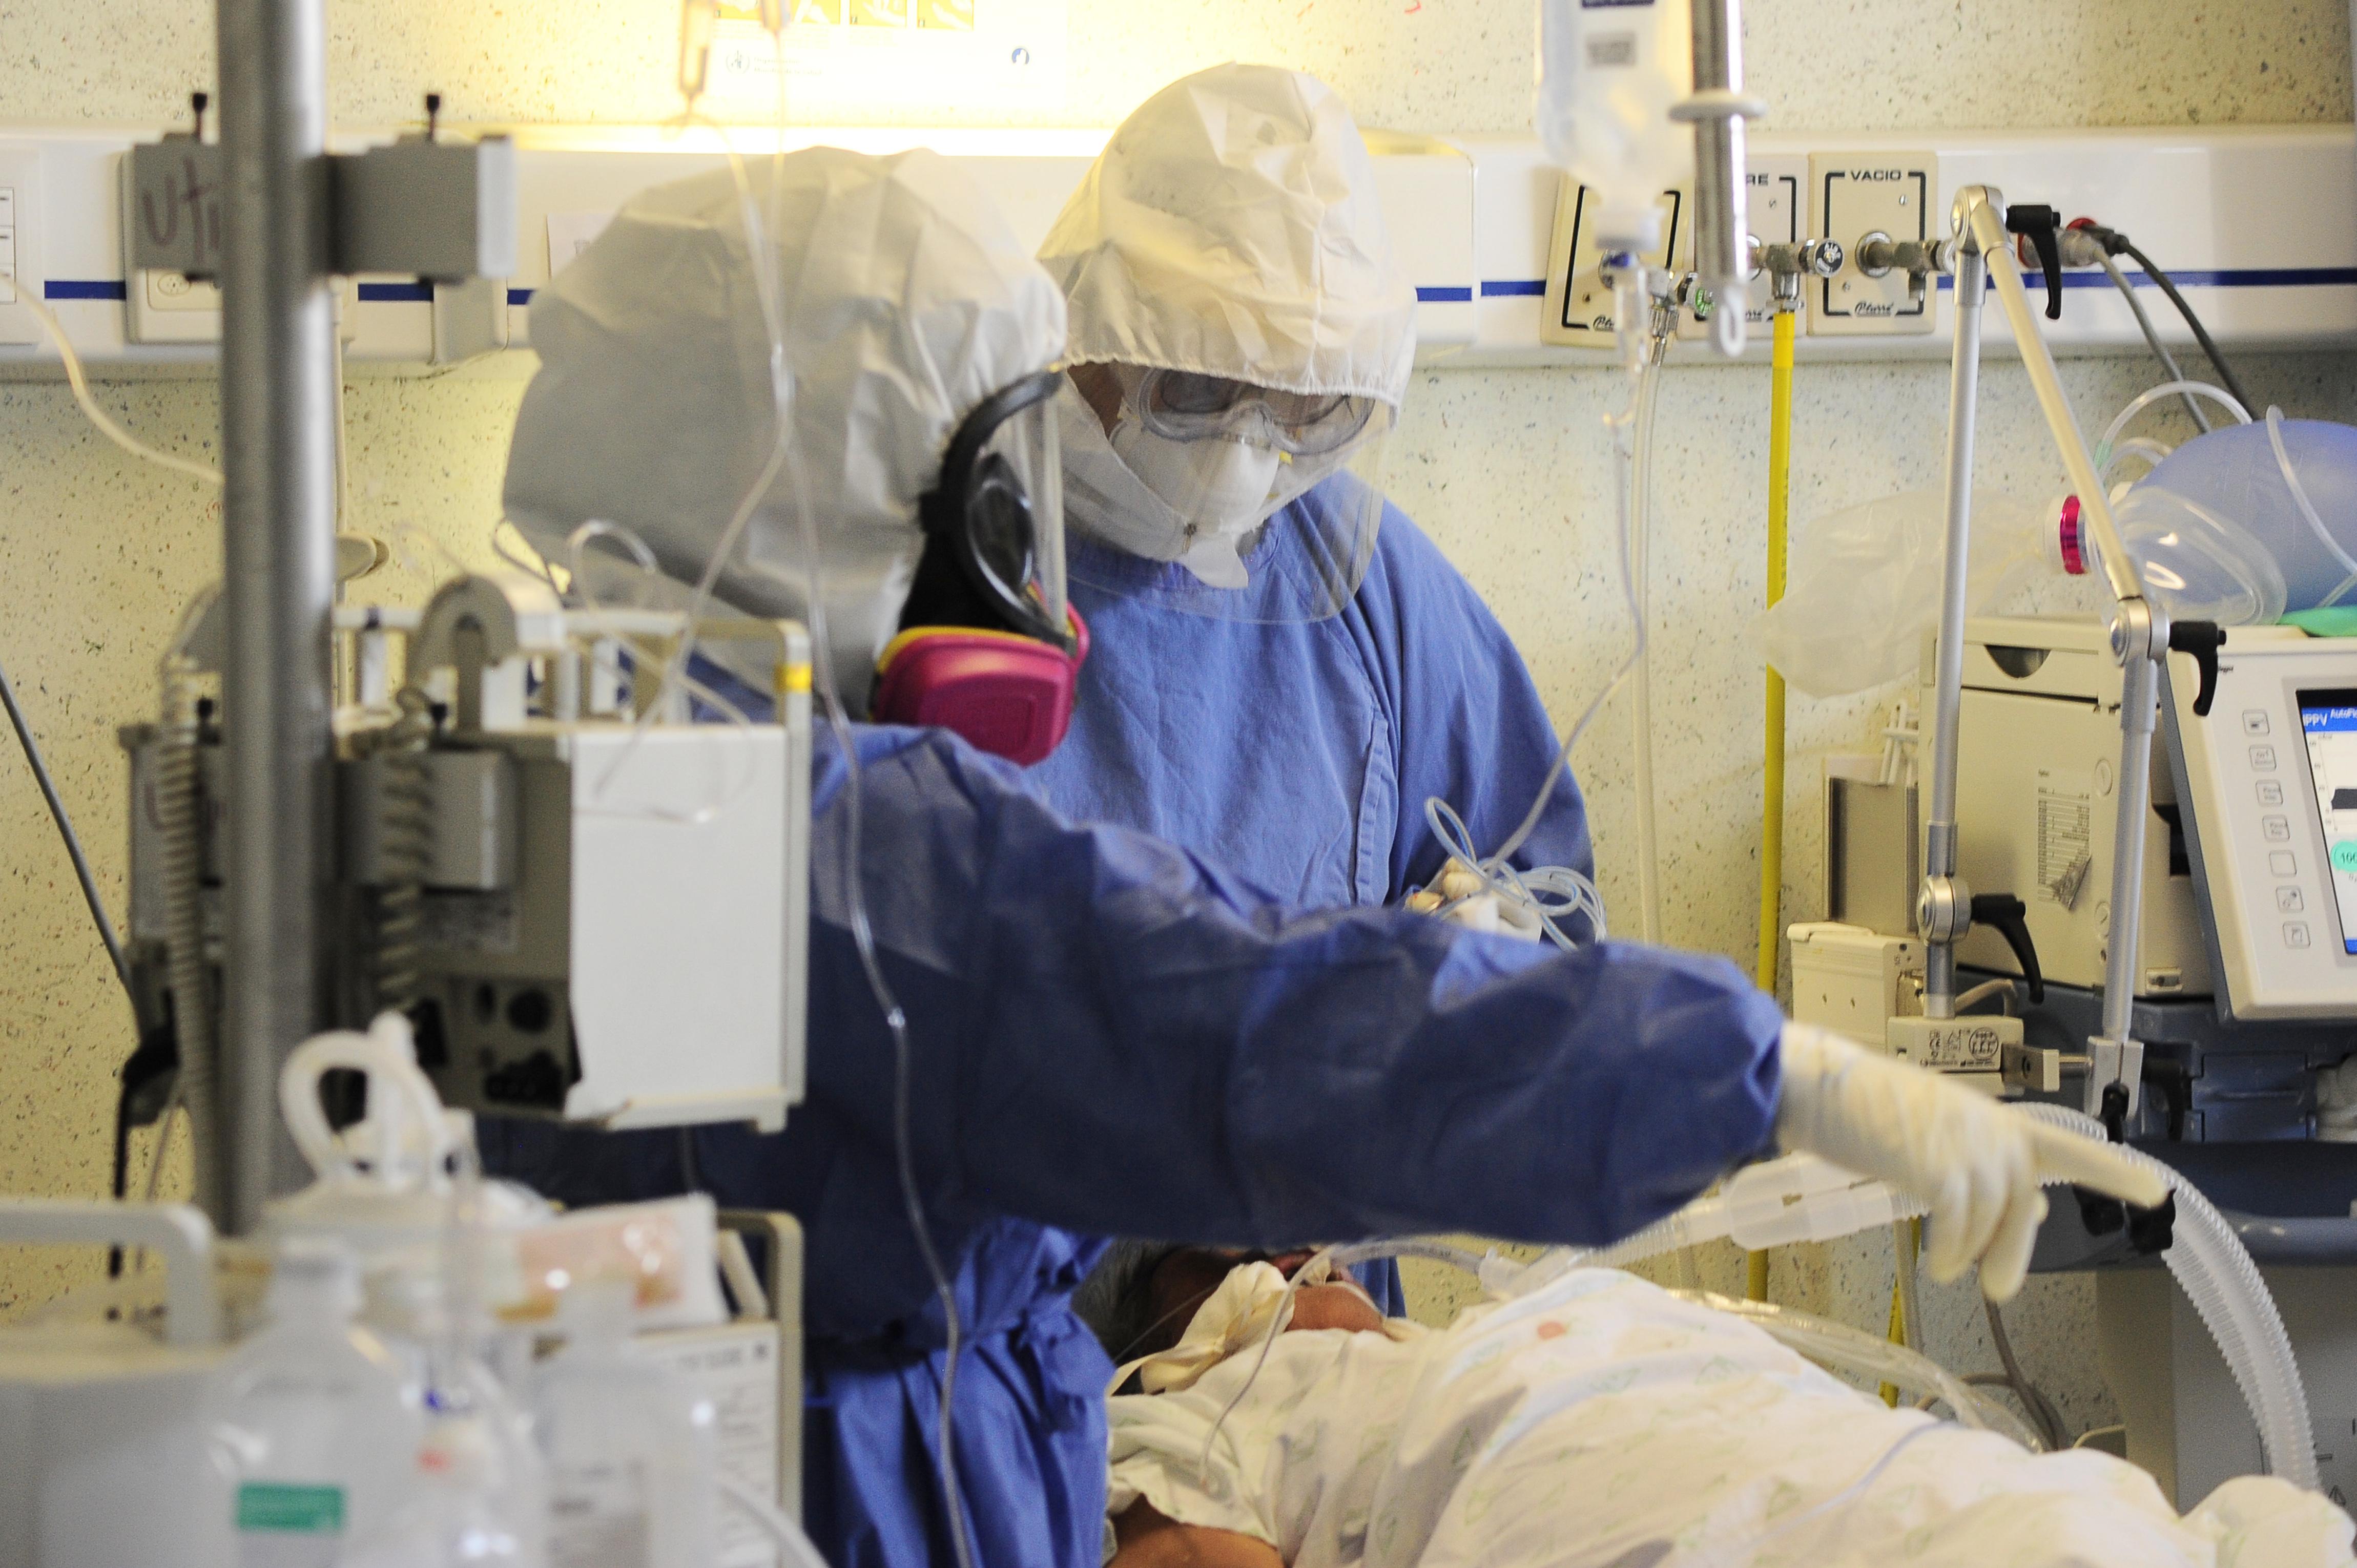 Учёные предупредили о вспышках в больницах опасных грибковых заболеваний из-за пандемии